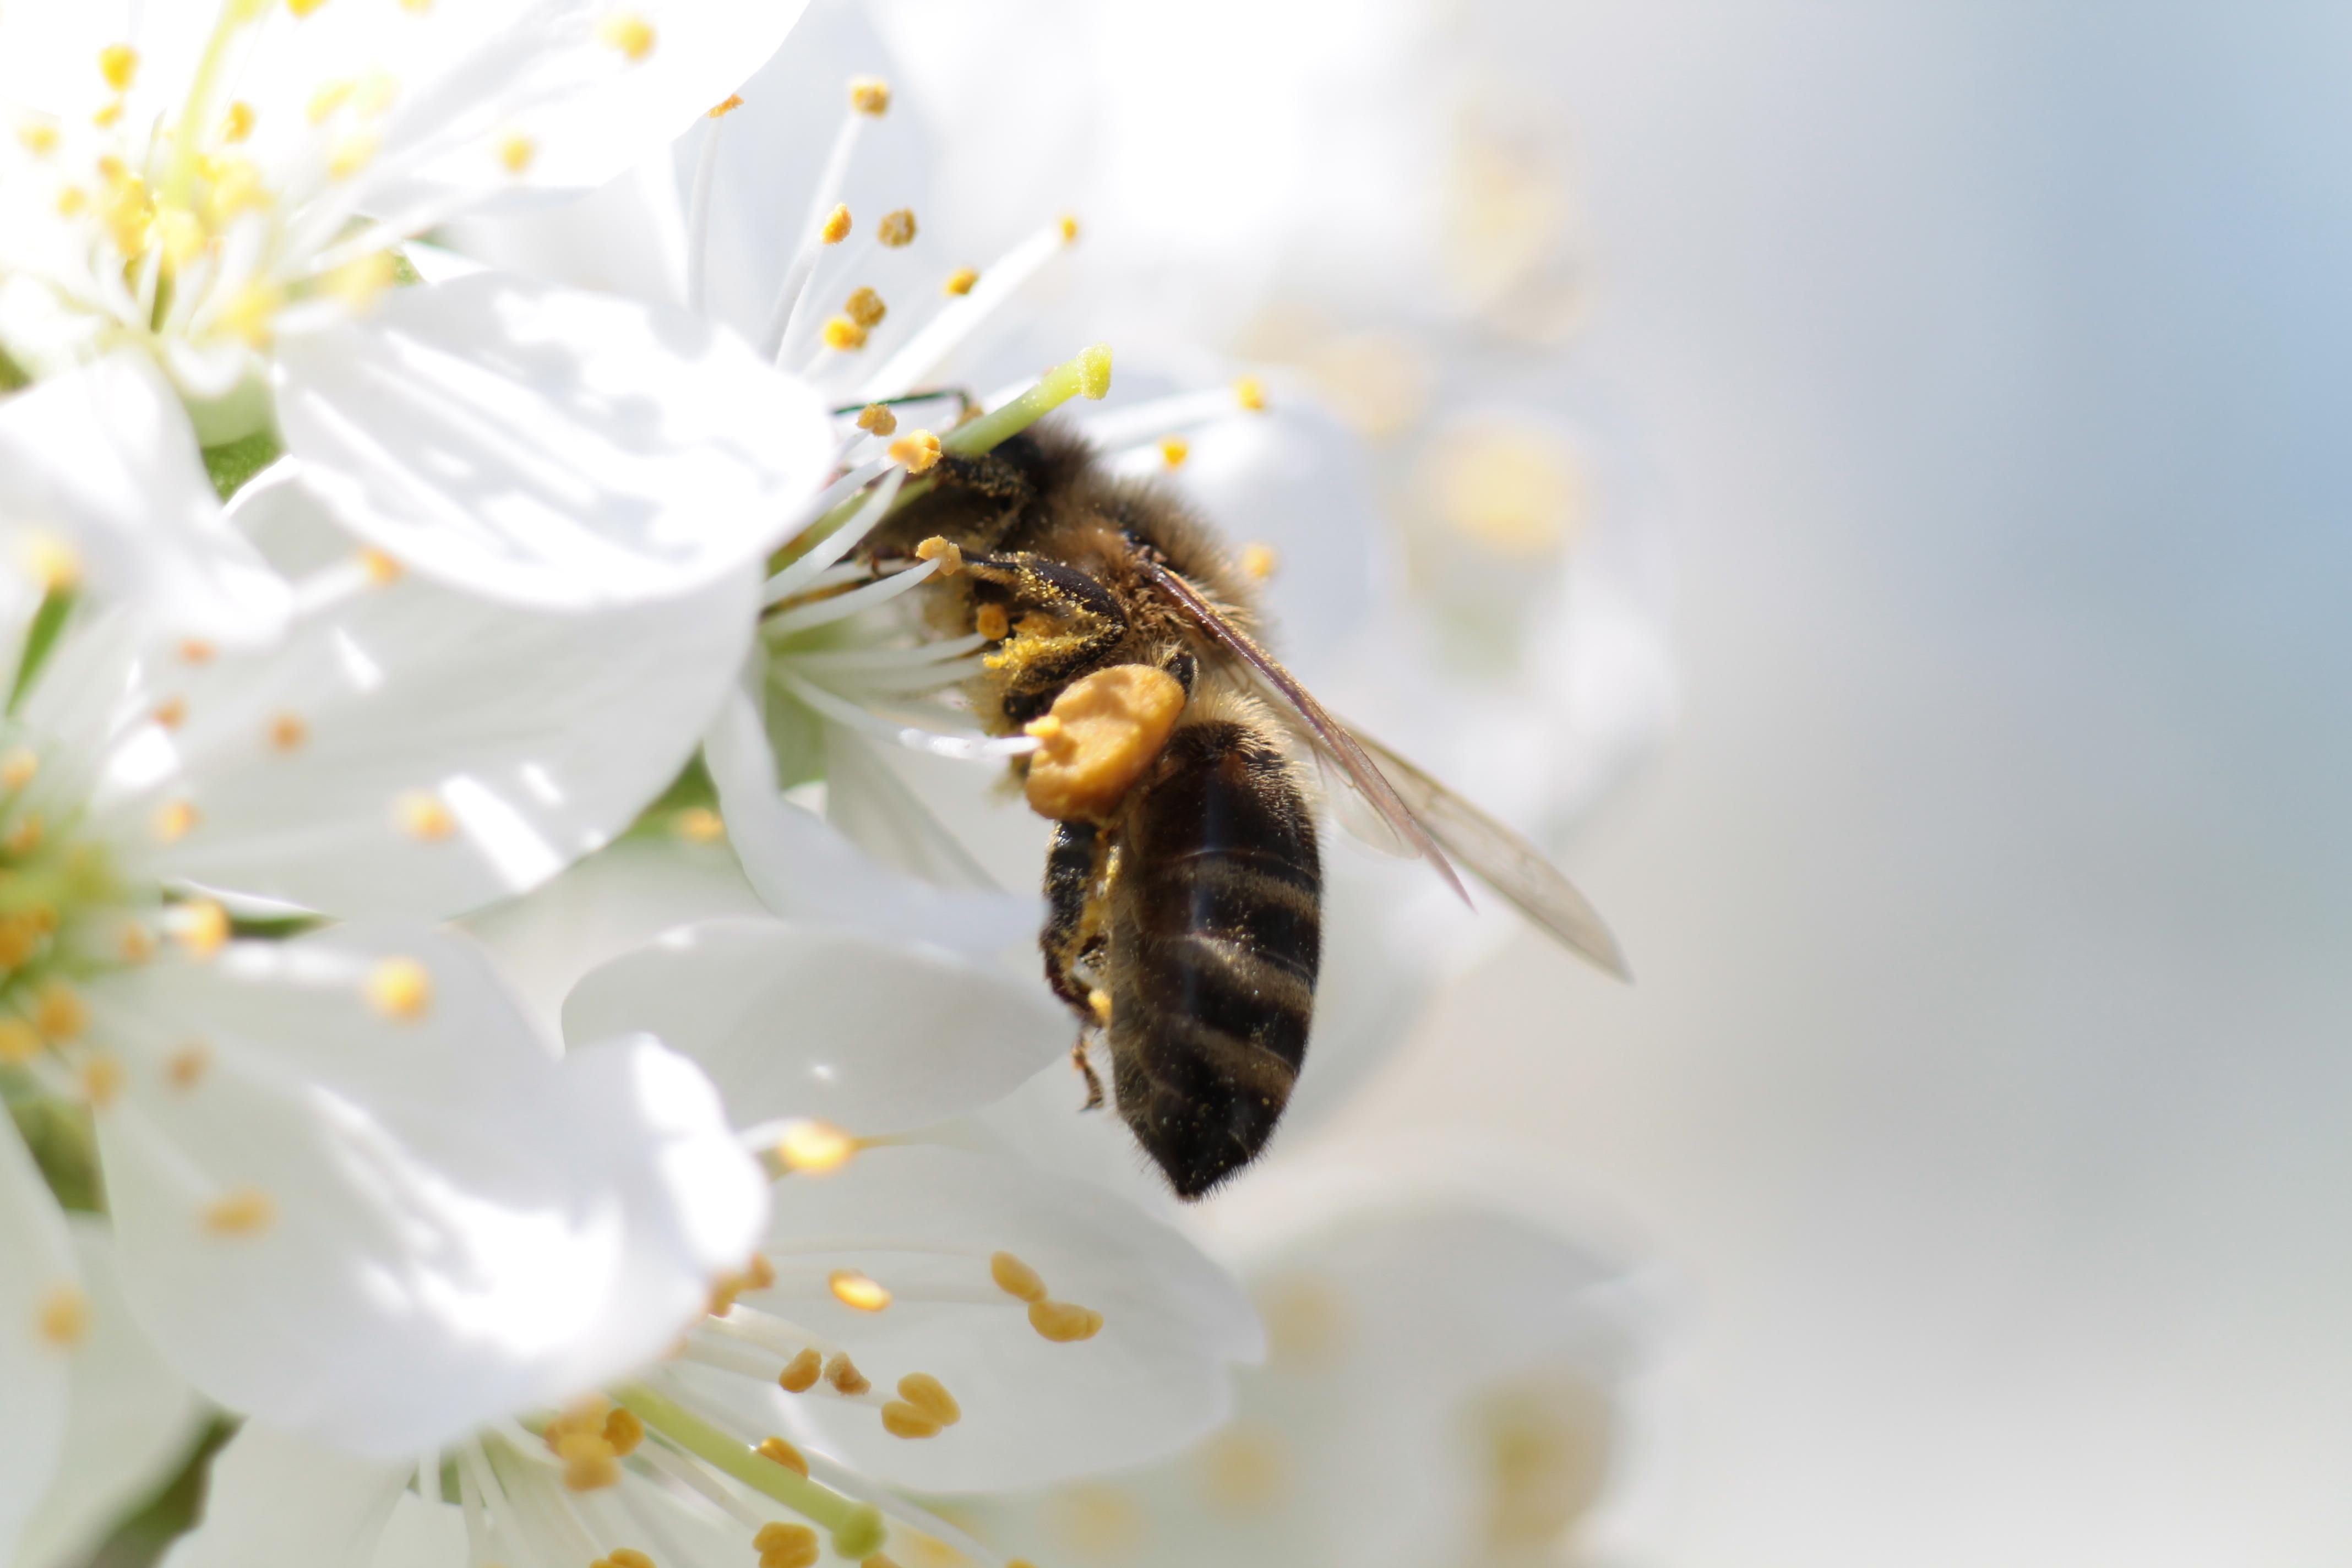 Bee Wallpapers Download   47 Nice Wallpapers 4272x2848